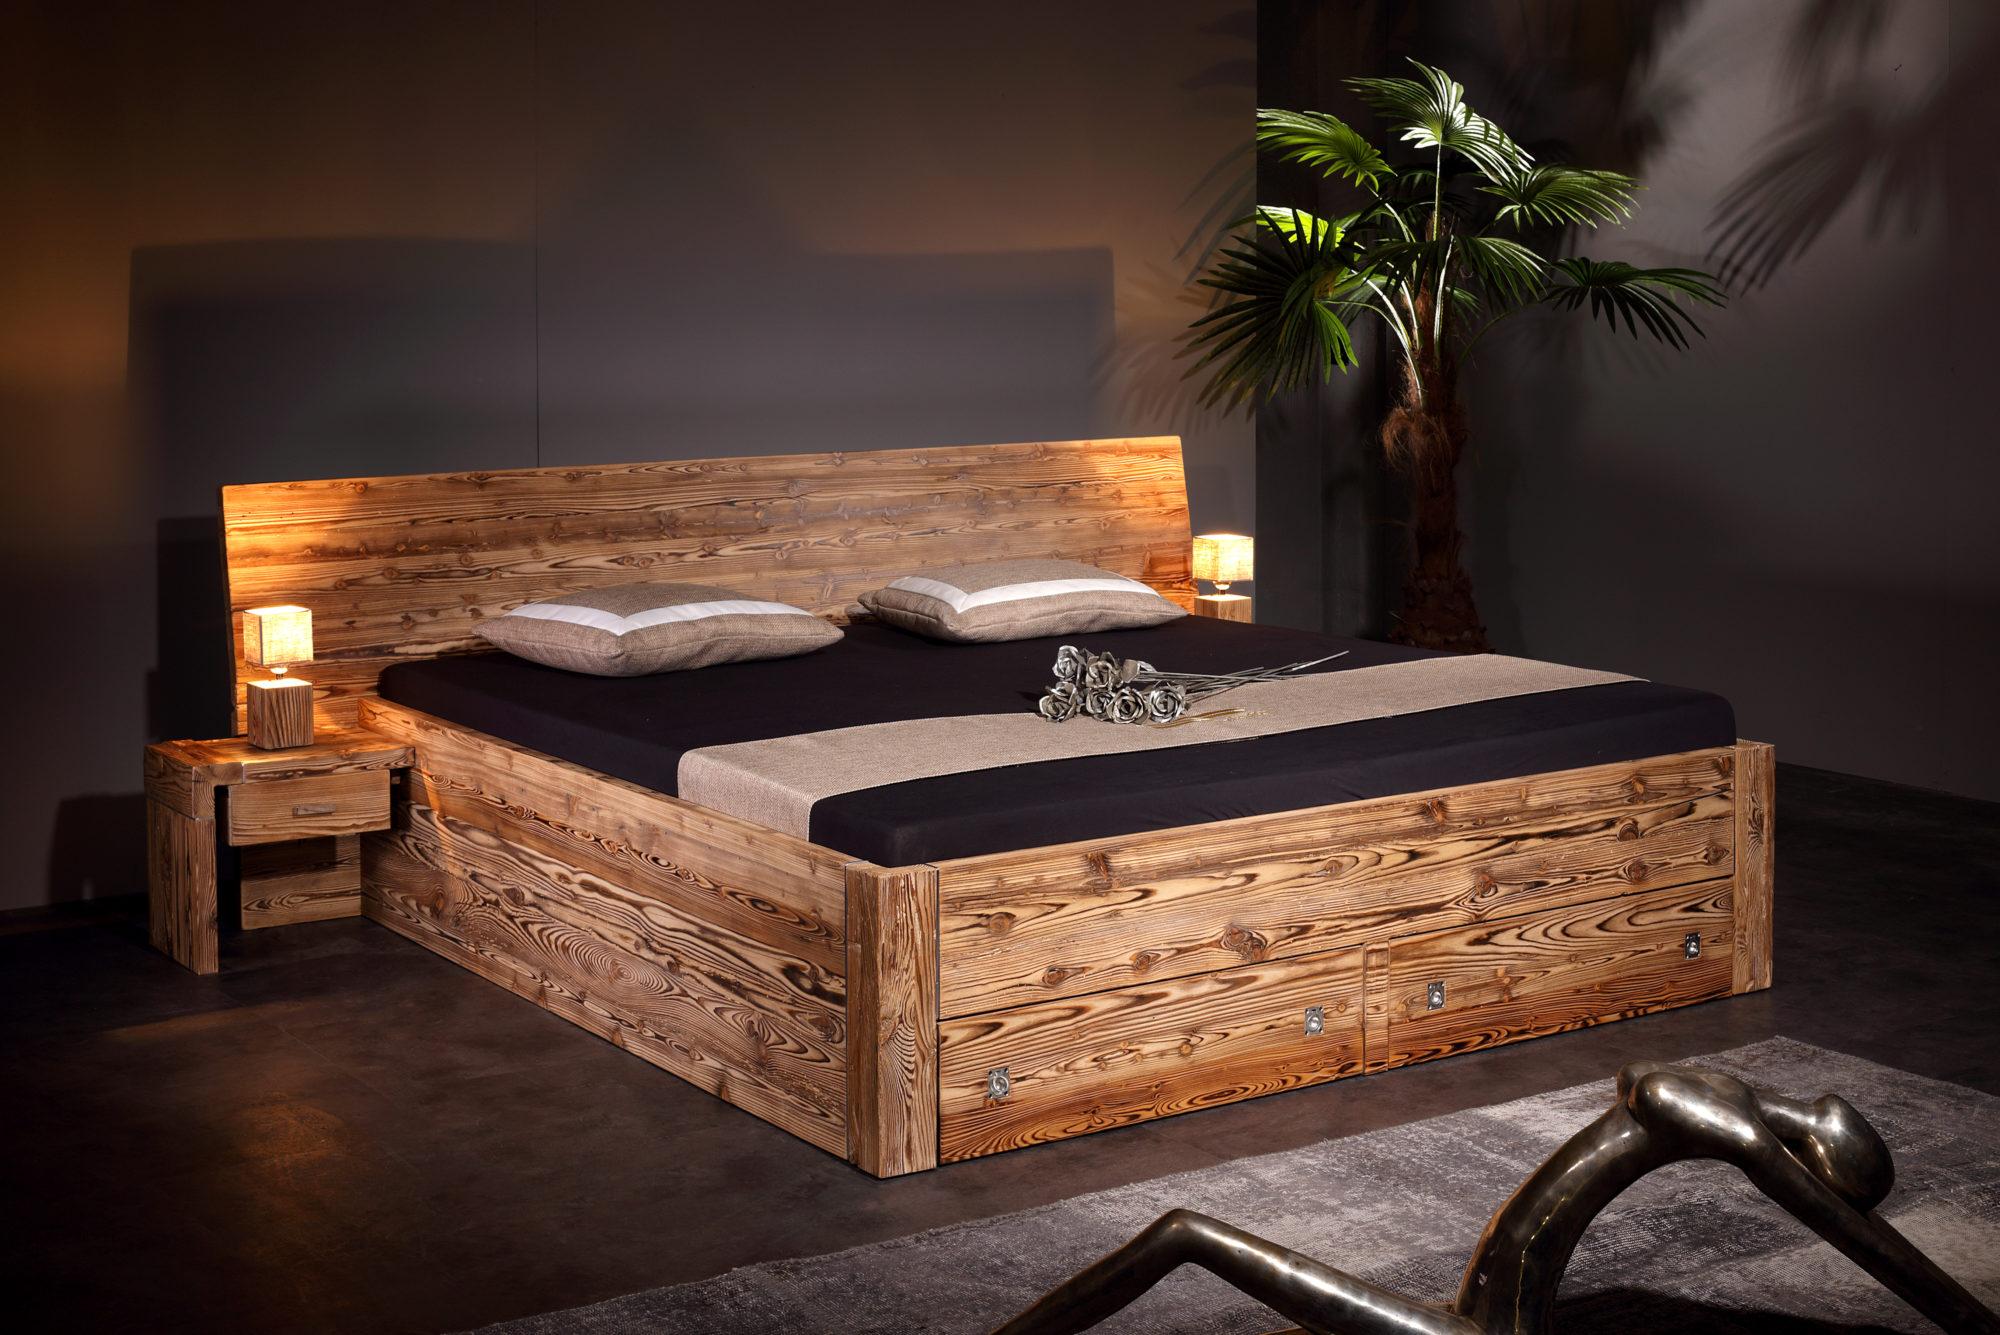 bett alpina tanne altholz gebrannt sprenger m bel. Black Bedroom Furniture Sets. Home Design Ideas